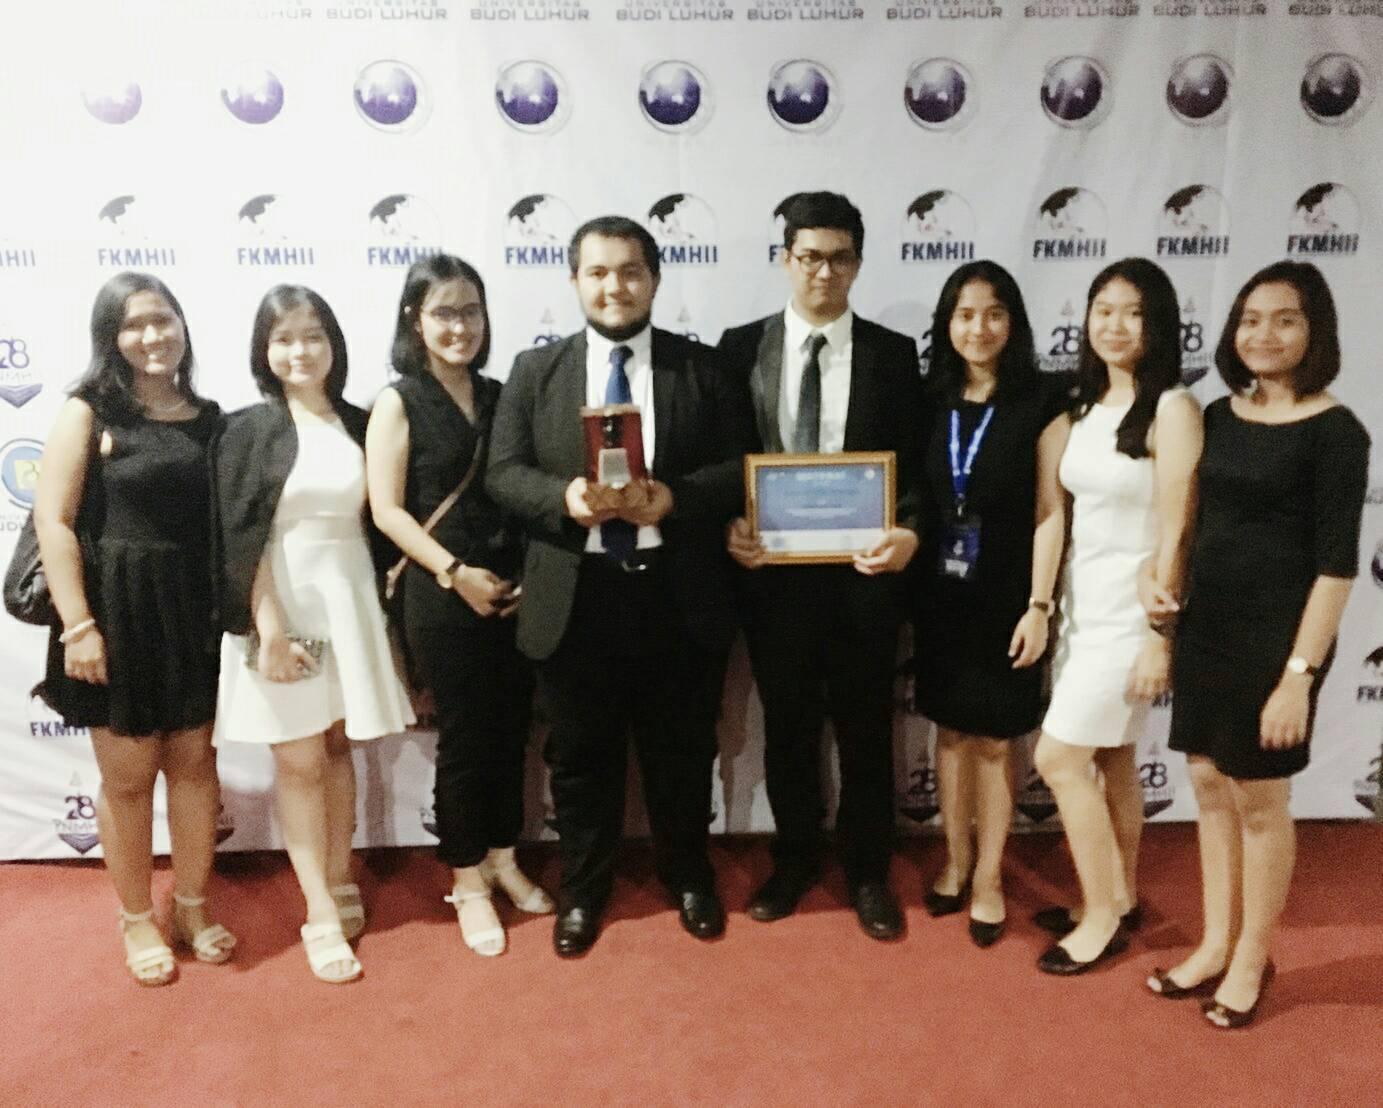 Delegasi UNPAR meraih penghargaan Best Paper pada Pertemuan Nasional Mahasiswa Hubungan Internasional Indonesia (PNMHII)  XXVII yang diselenggarakan di Universitas Budi Luhur, Jakarta, 8-12 November 2016. Dok/ Peserta